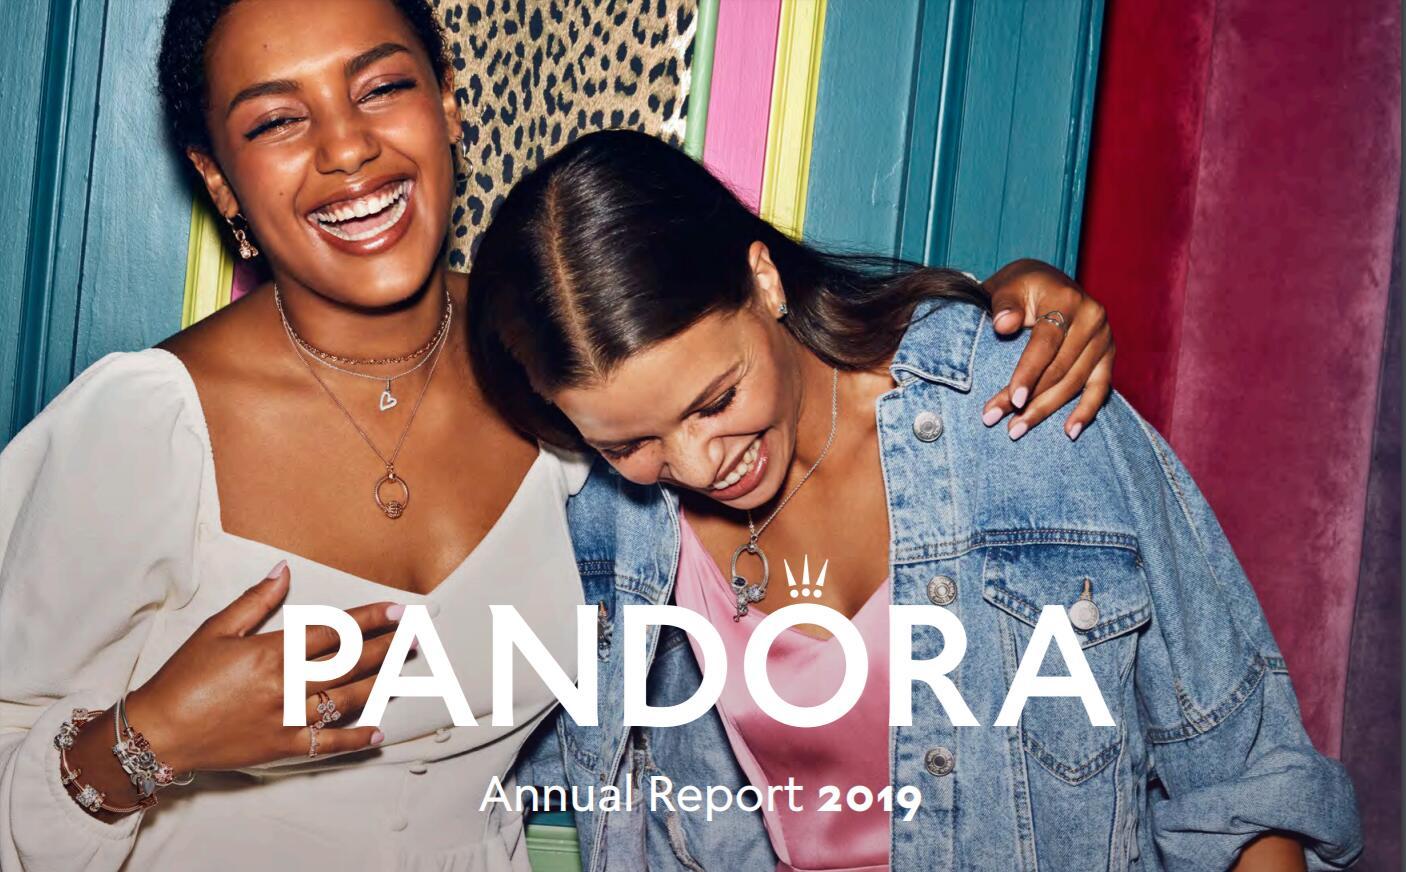 丹麦珠宝品牌 Pandora 公布2019全年财报:虽然销售持续下滑,但业绩有所改善